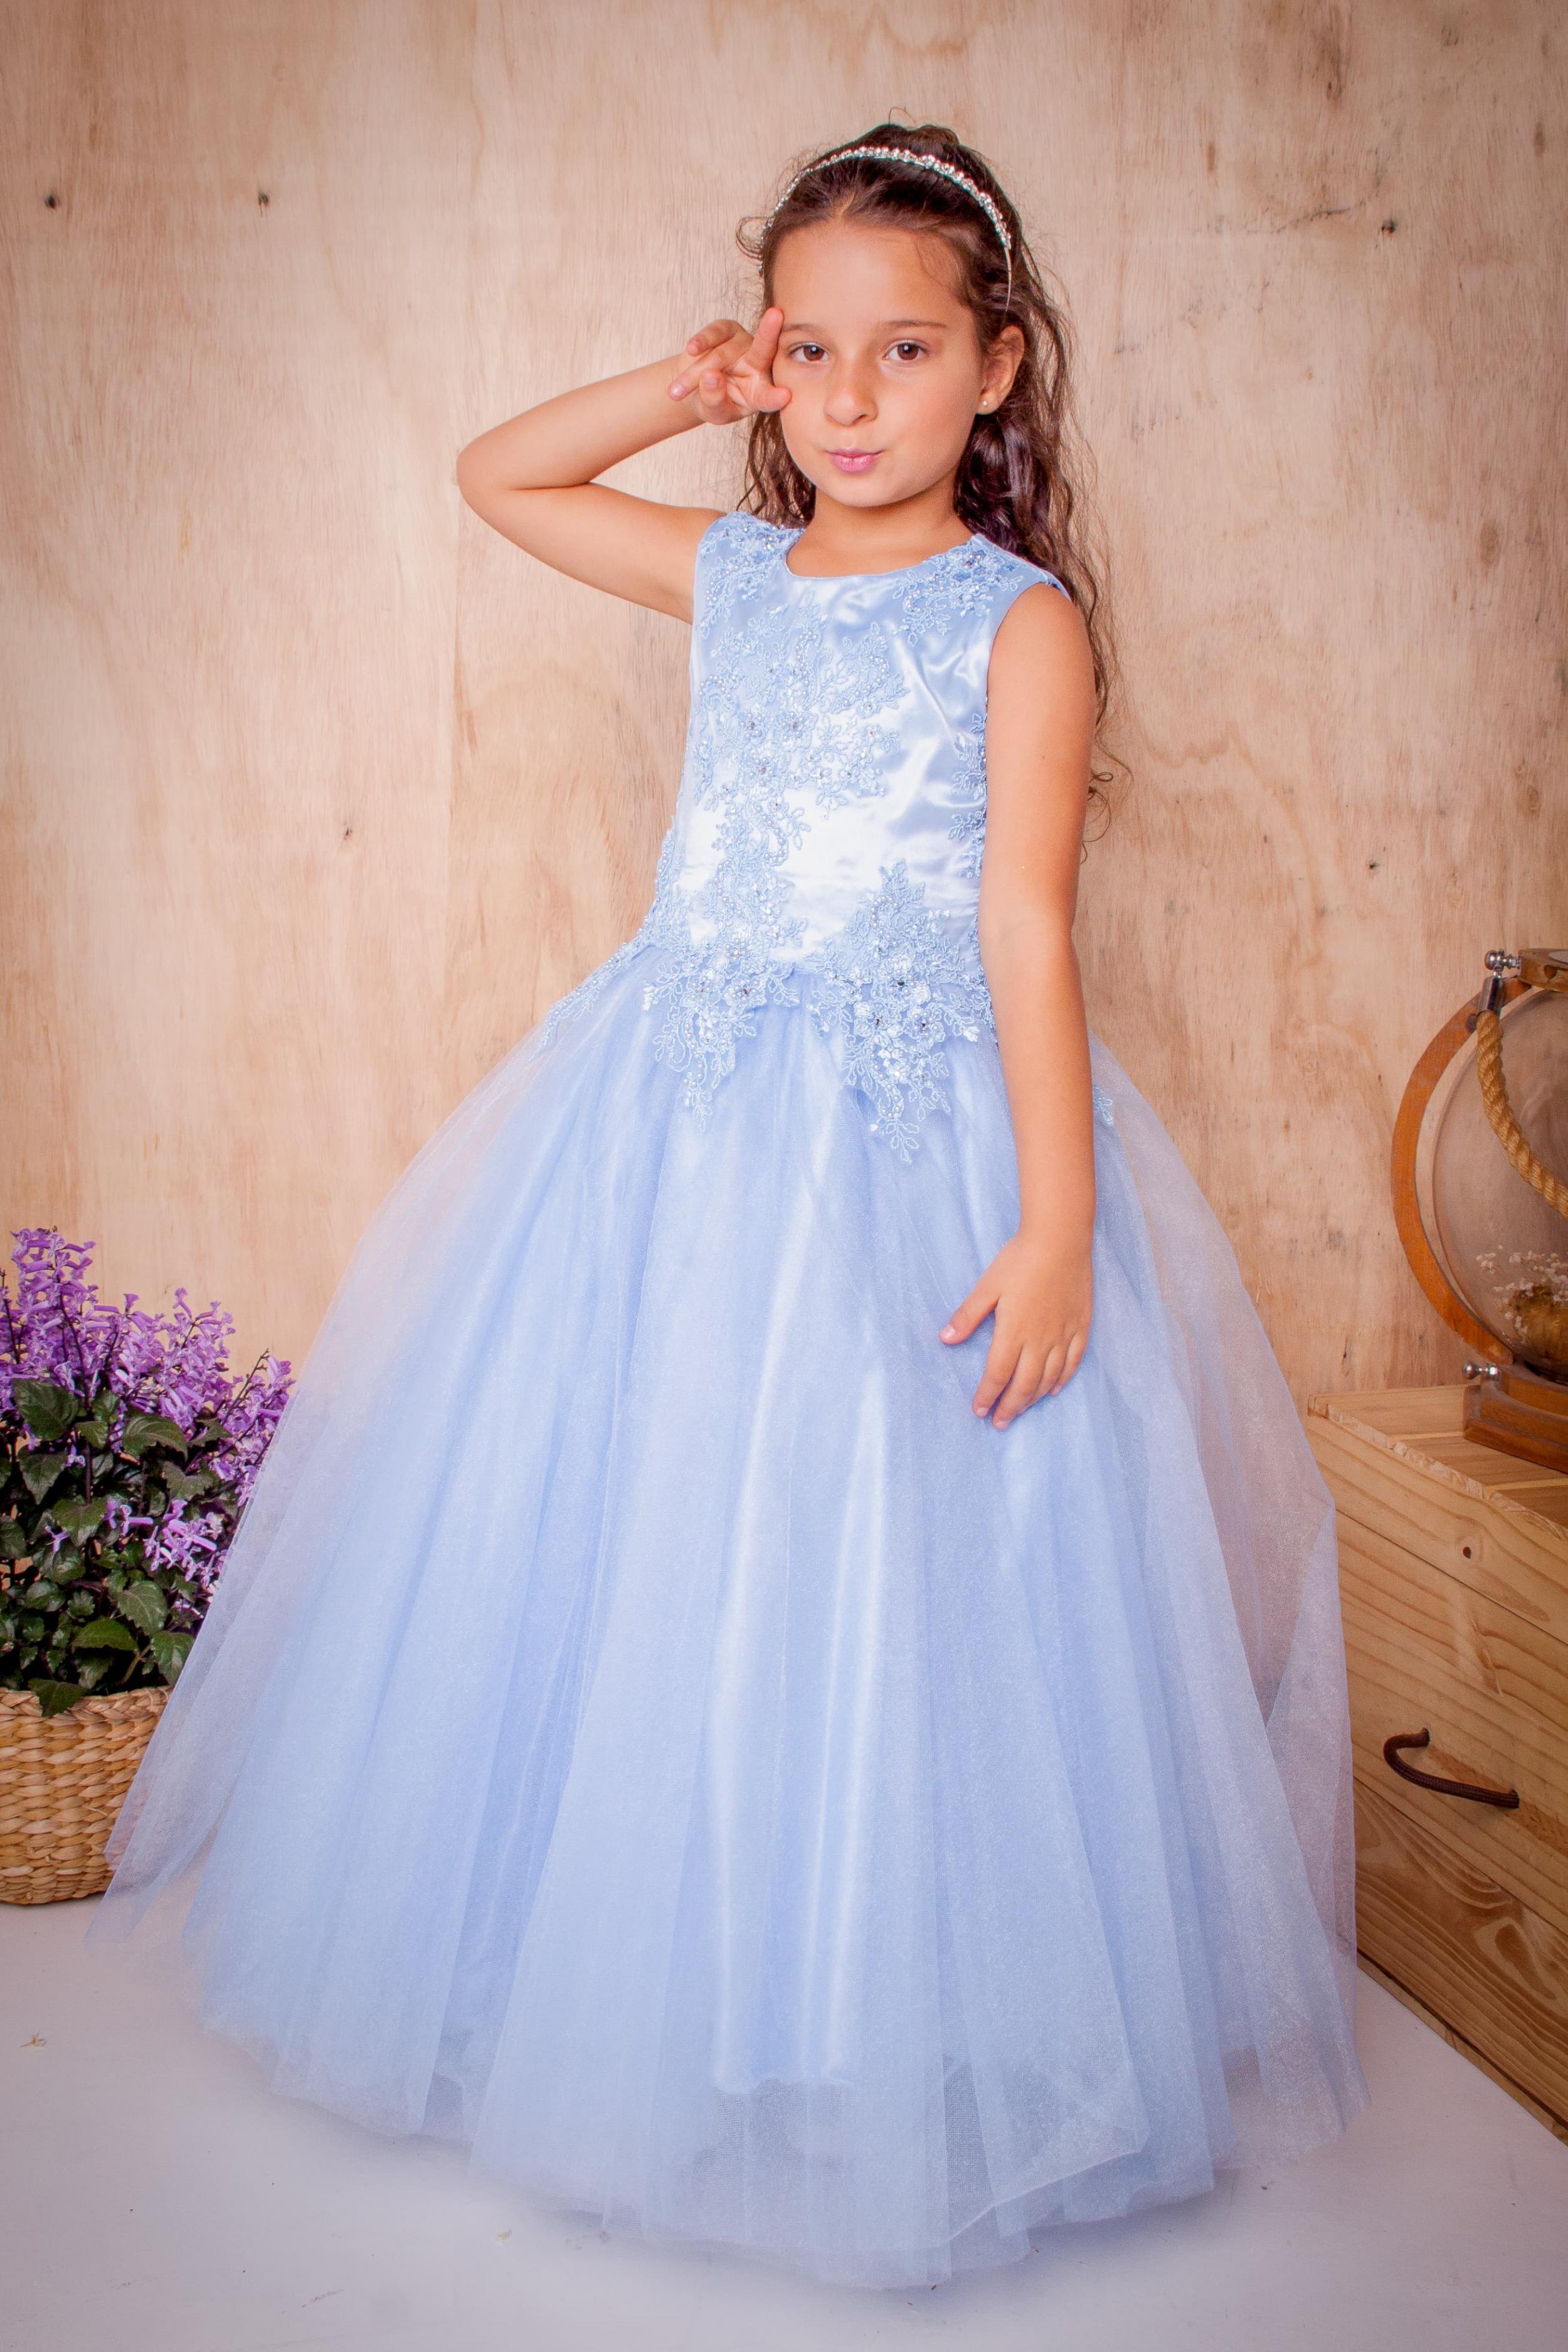 5 - Vestido de daminha feito em renda azul serenity